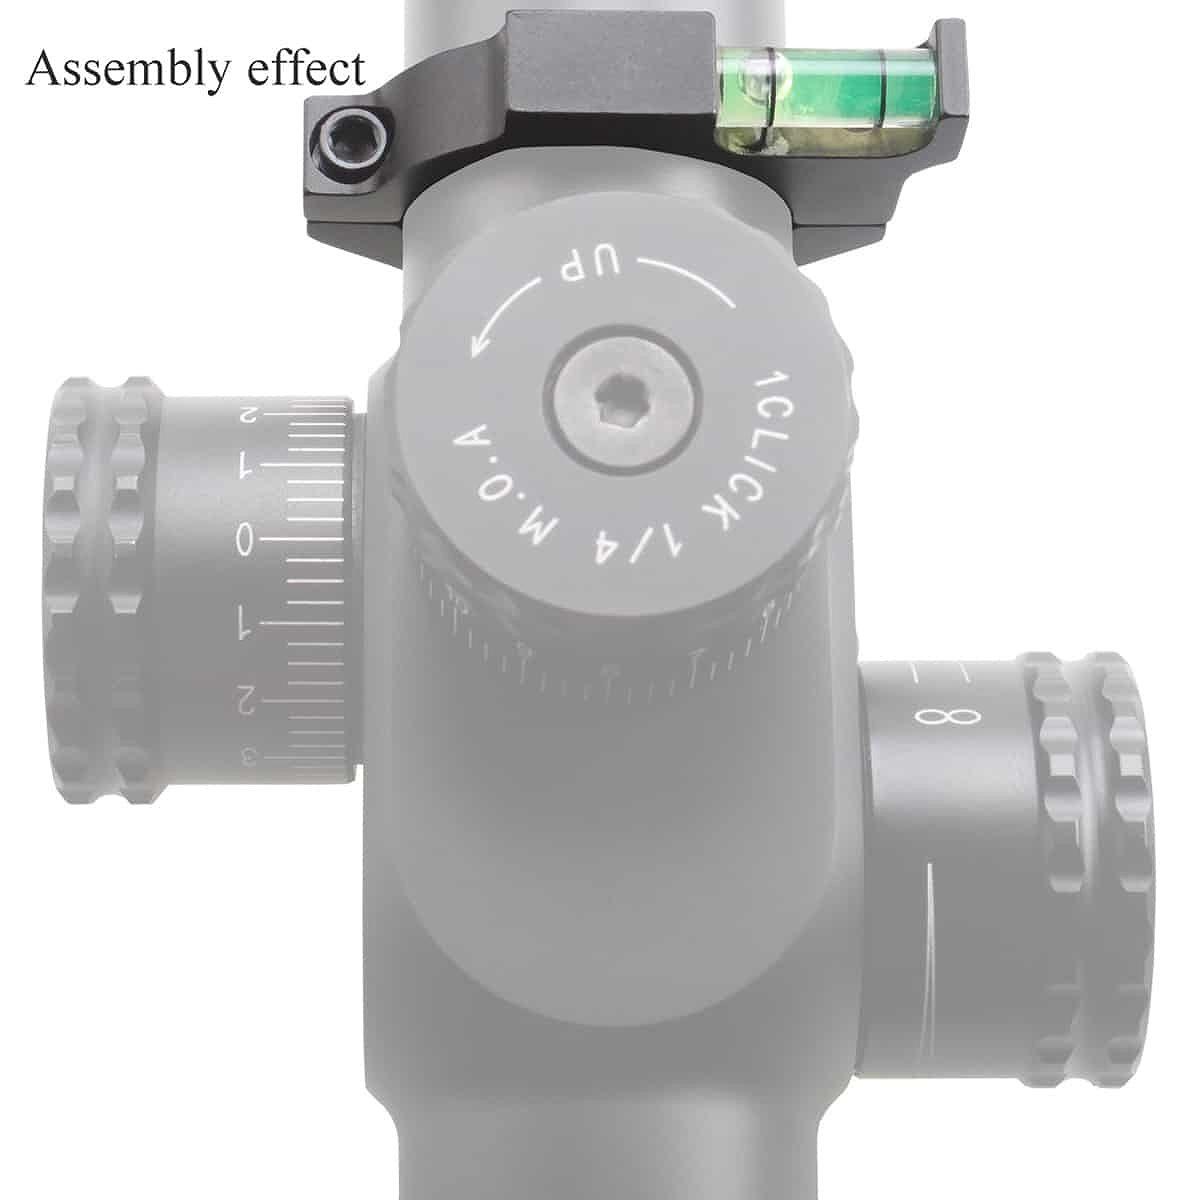 【お届け予定日: 5月30日】ベクターオプティクス 水平器 30mm Offset Bubble  Vector Optics SCACD-03